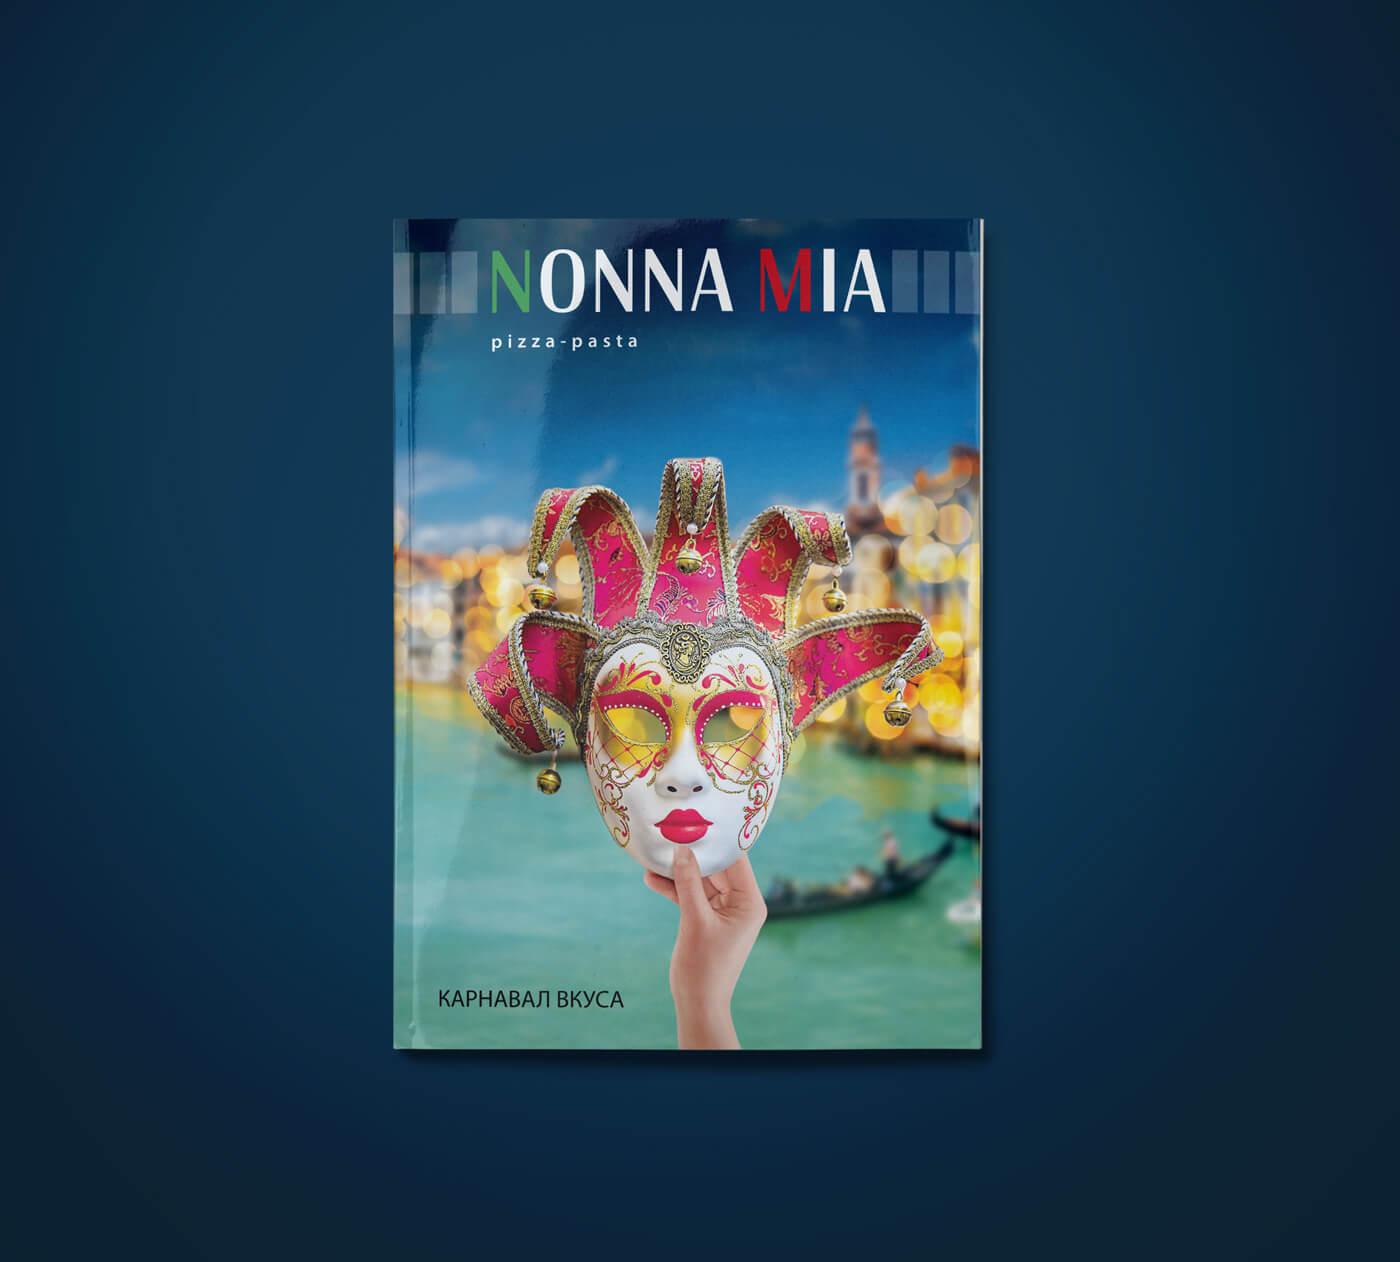 Дизайн обложки меню – Карнавал вкуса – Итальянский ресторан «Нонна Миа»